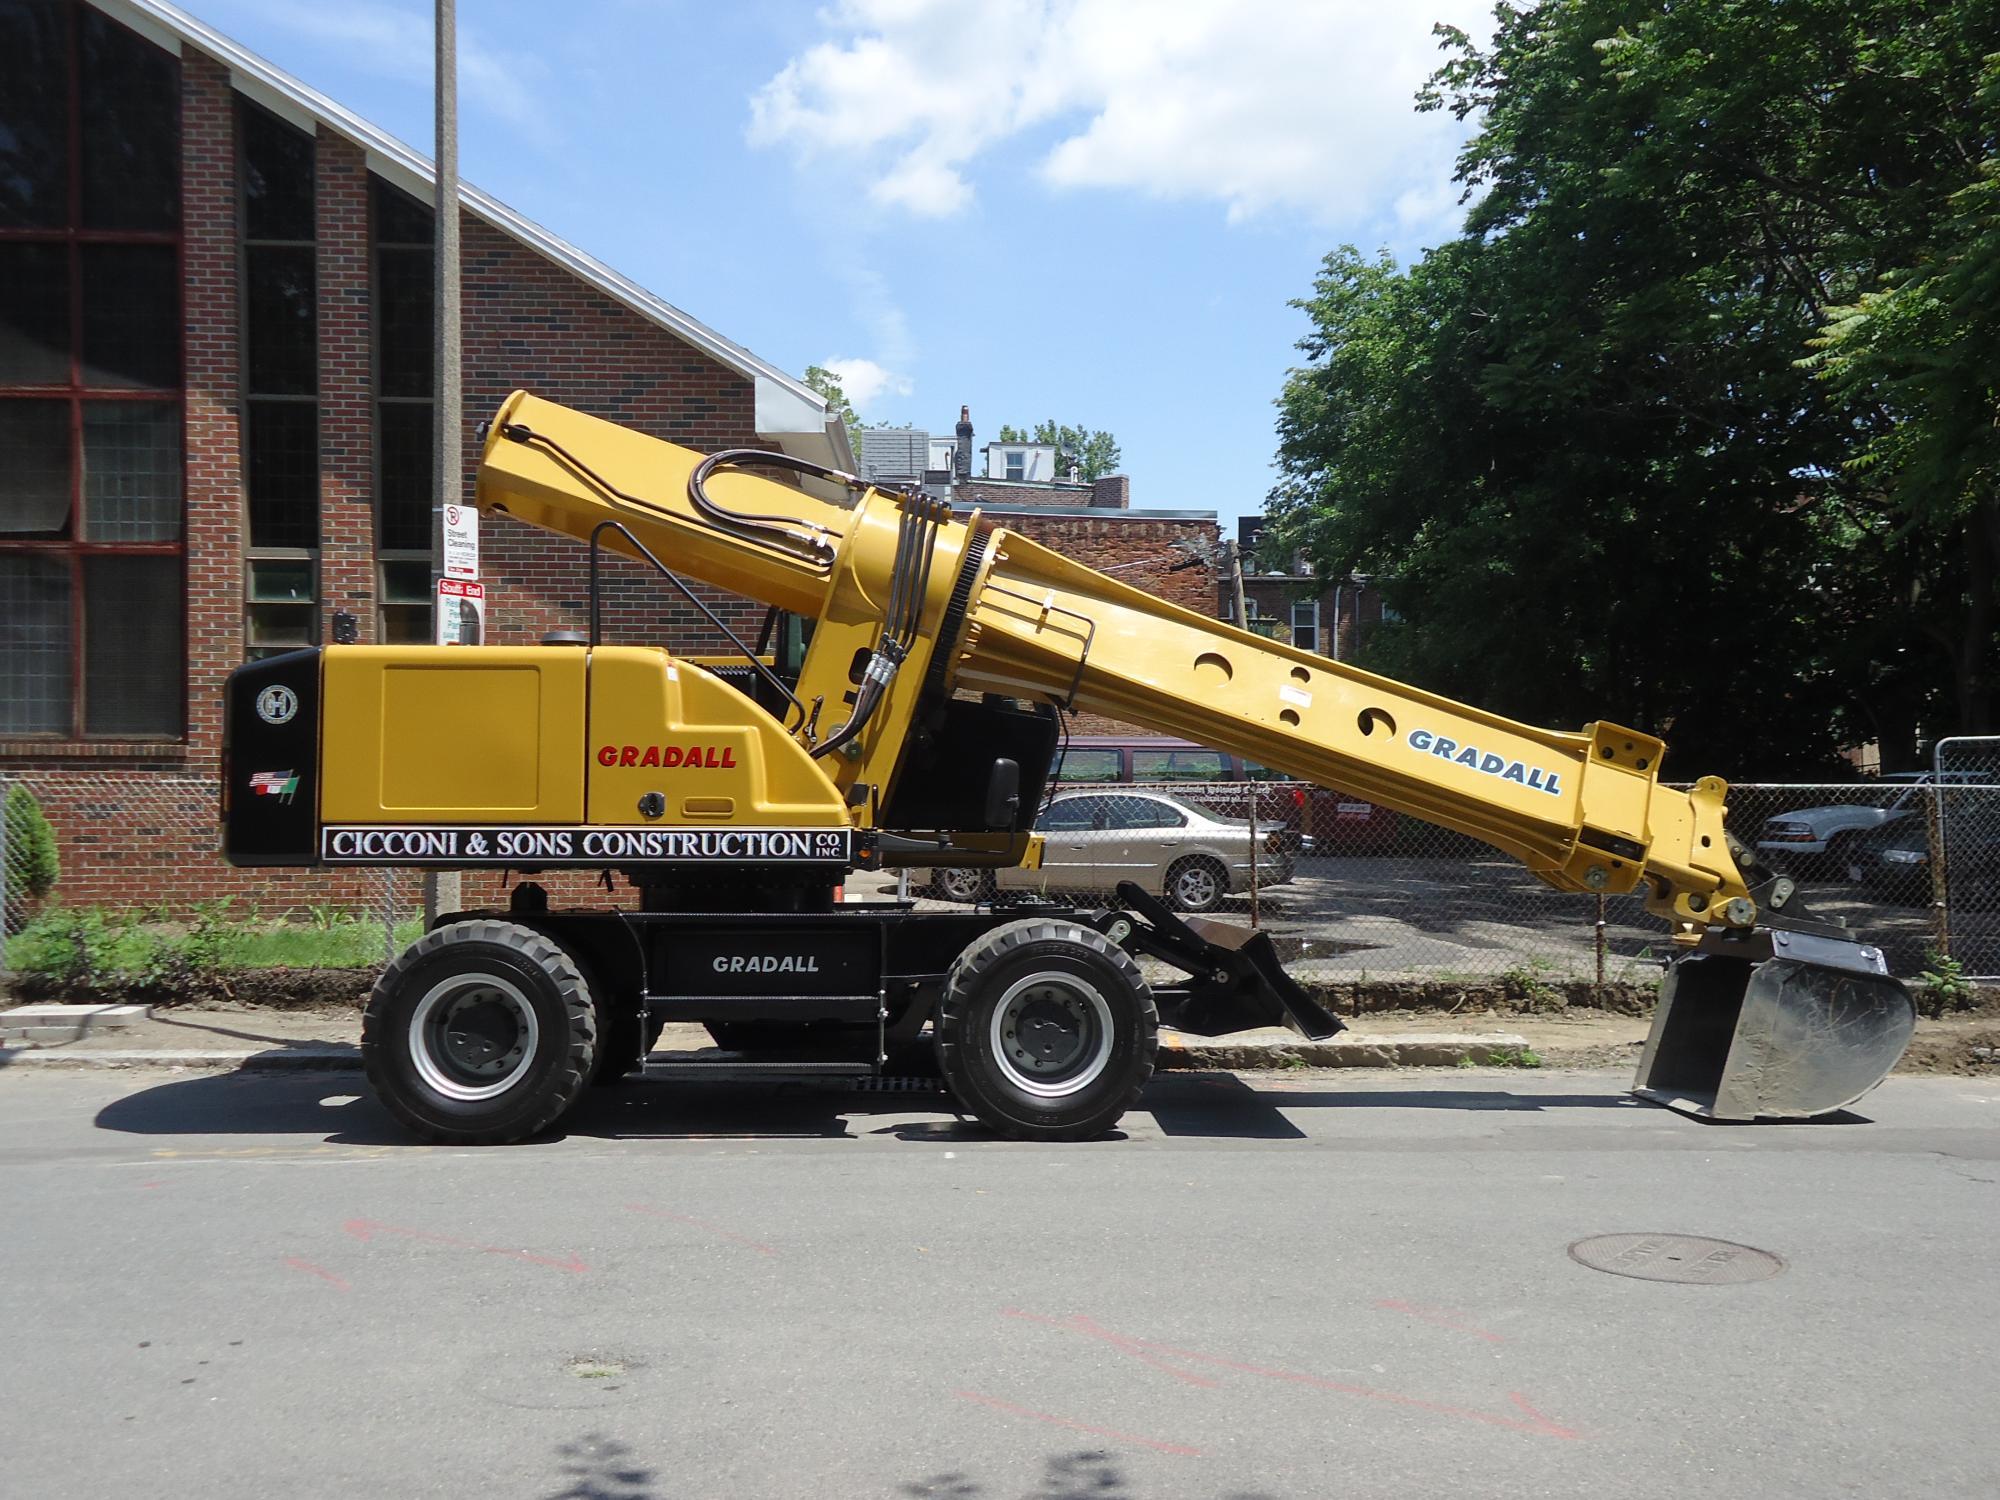 Gradall XL5300